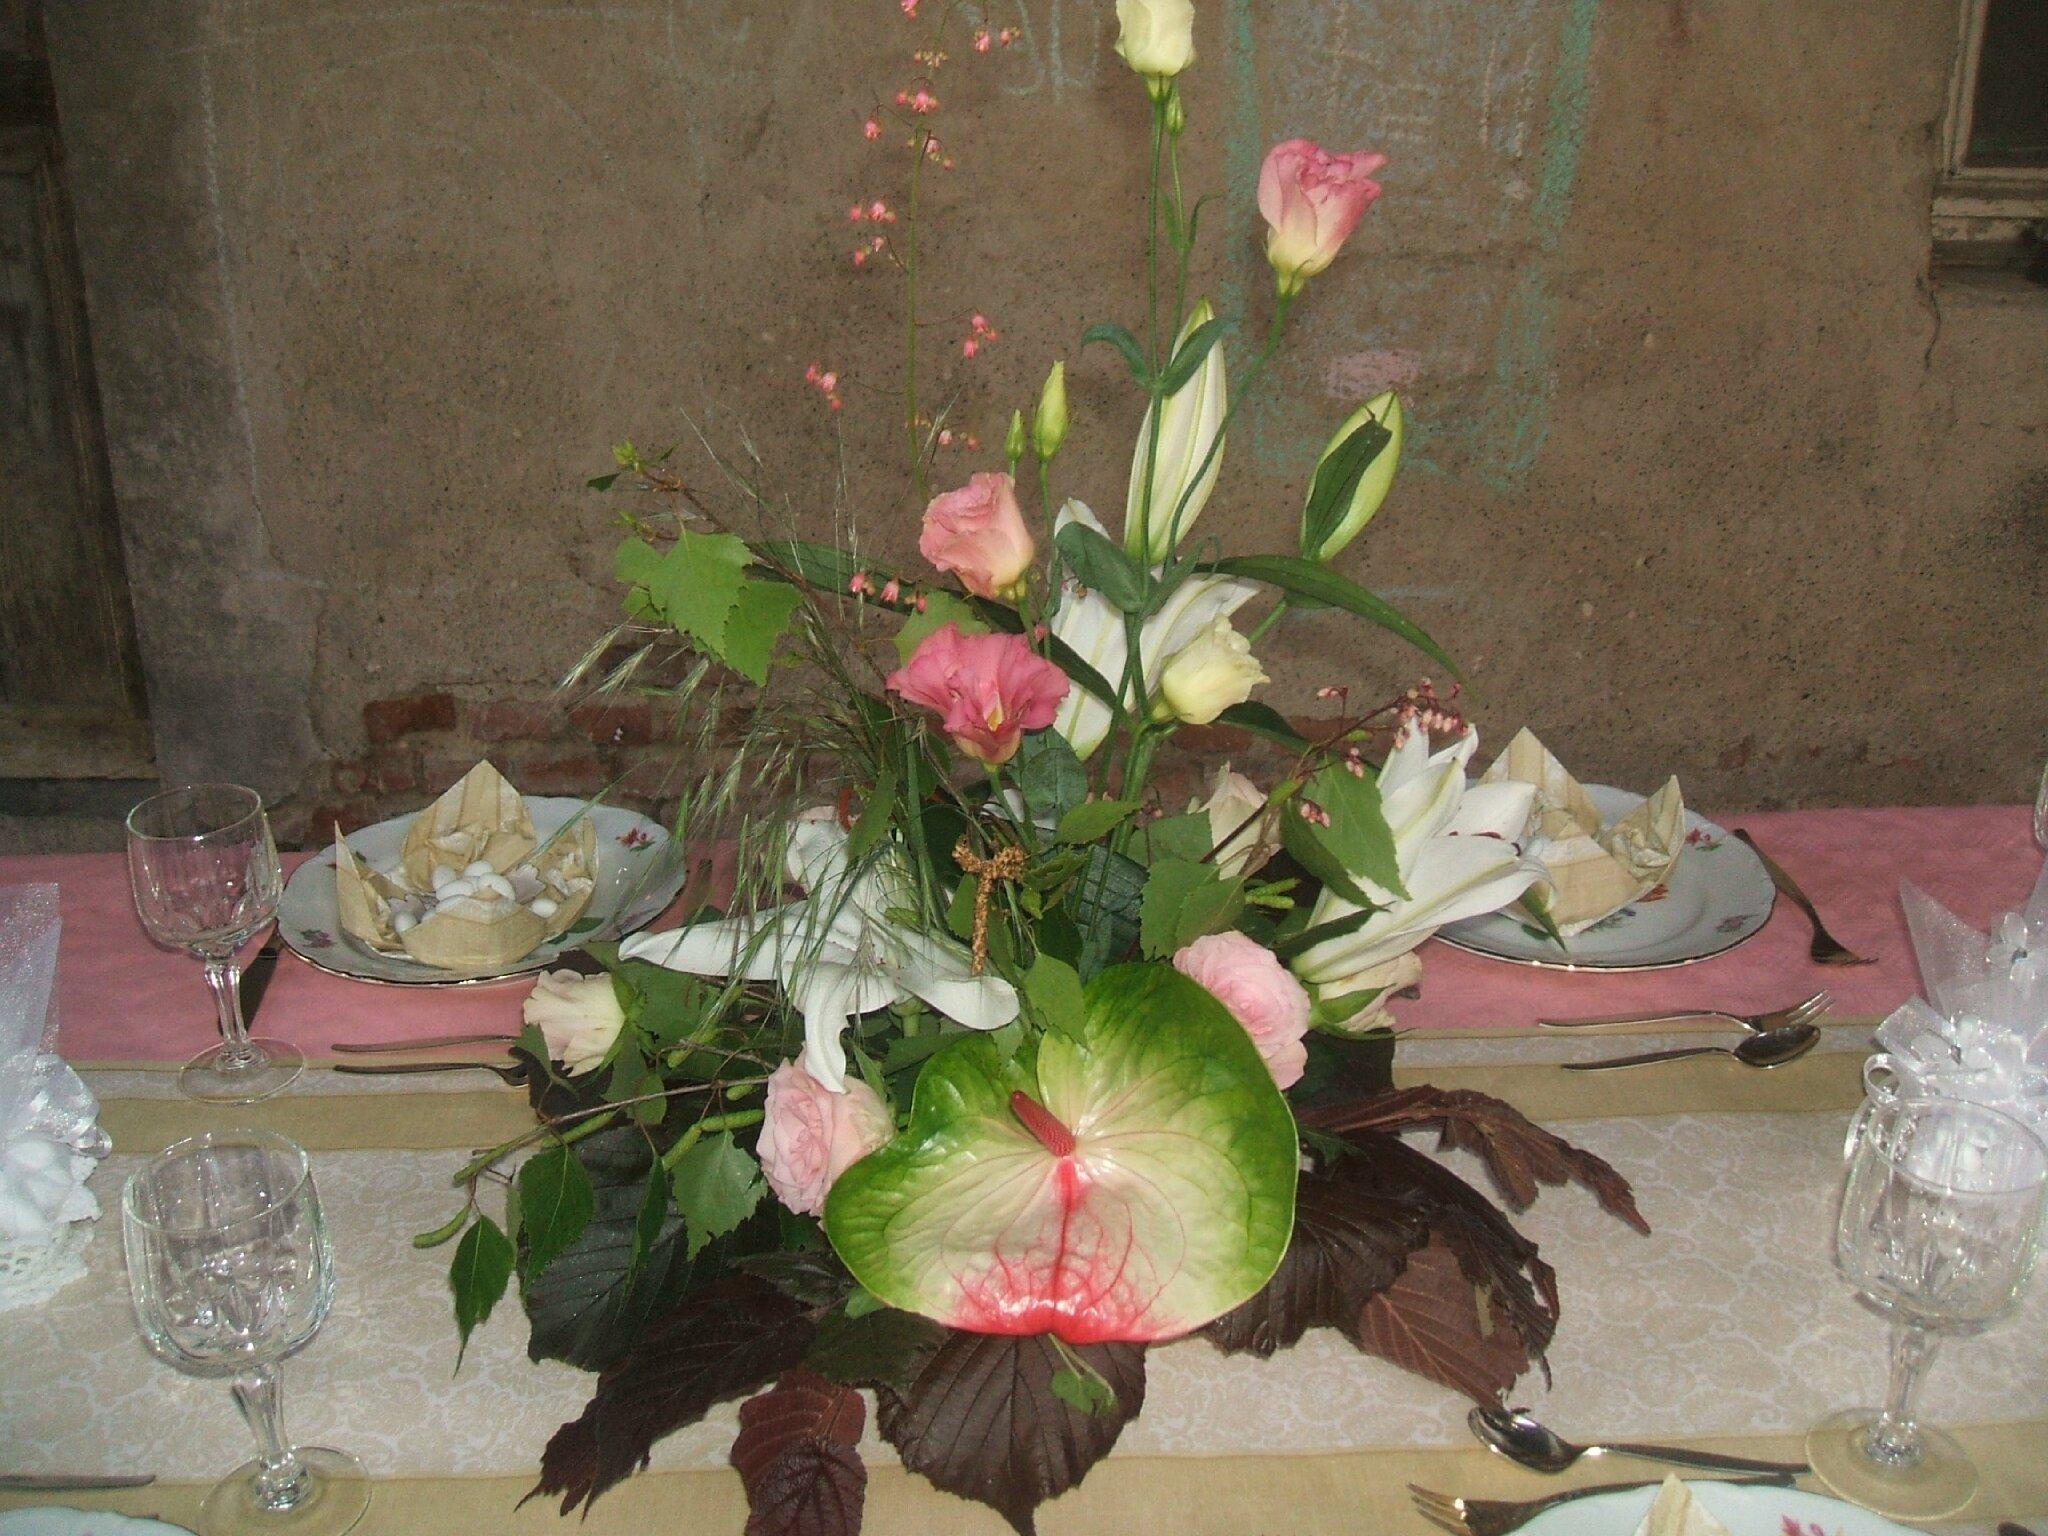 Arrangement floral pour une communion blogs de cuisine for Arrangement de cuisine